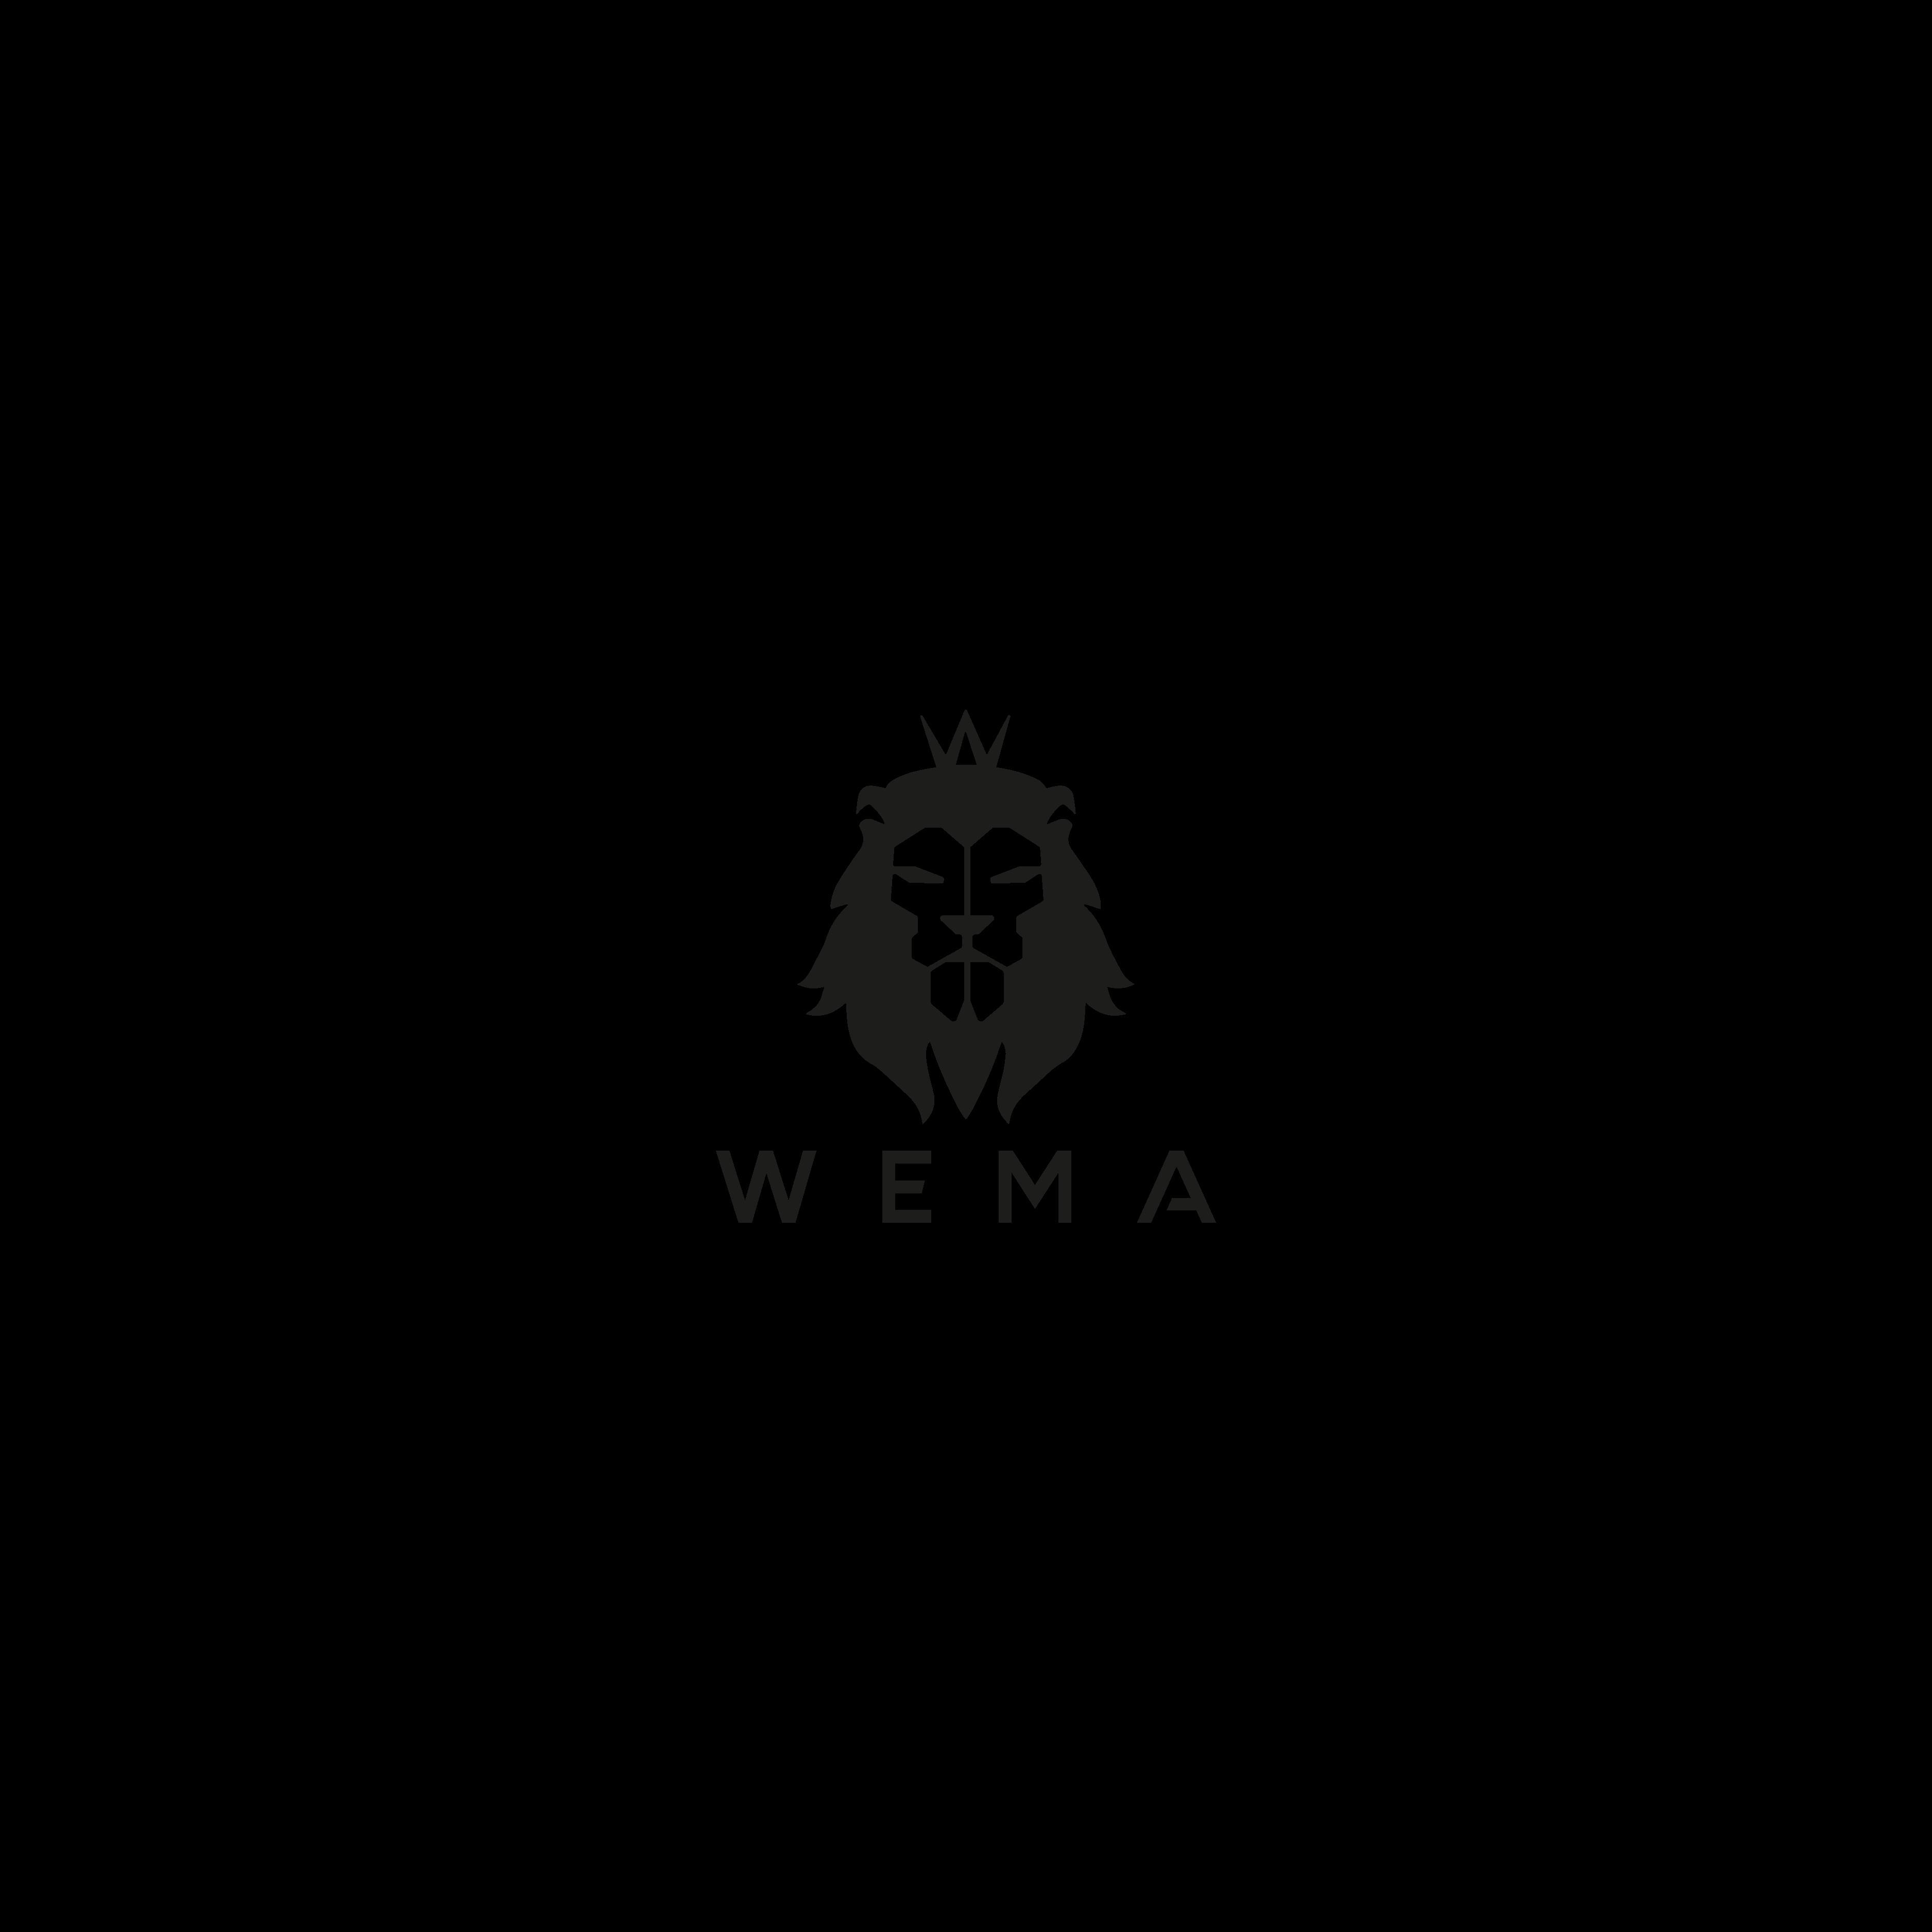 Wema Italia | Web Marketing Agency Pistoia